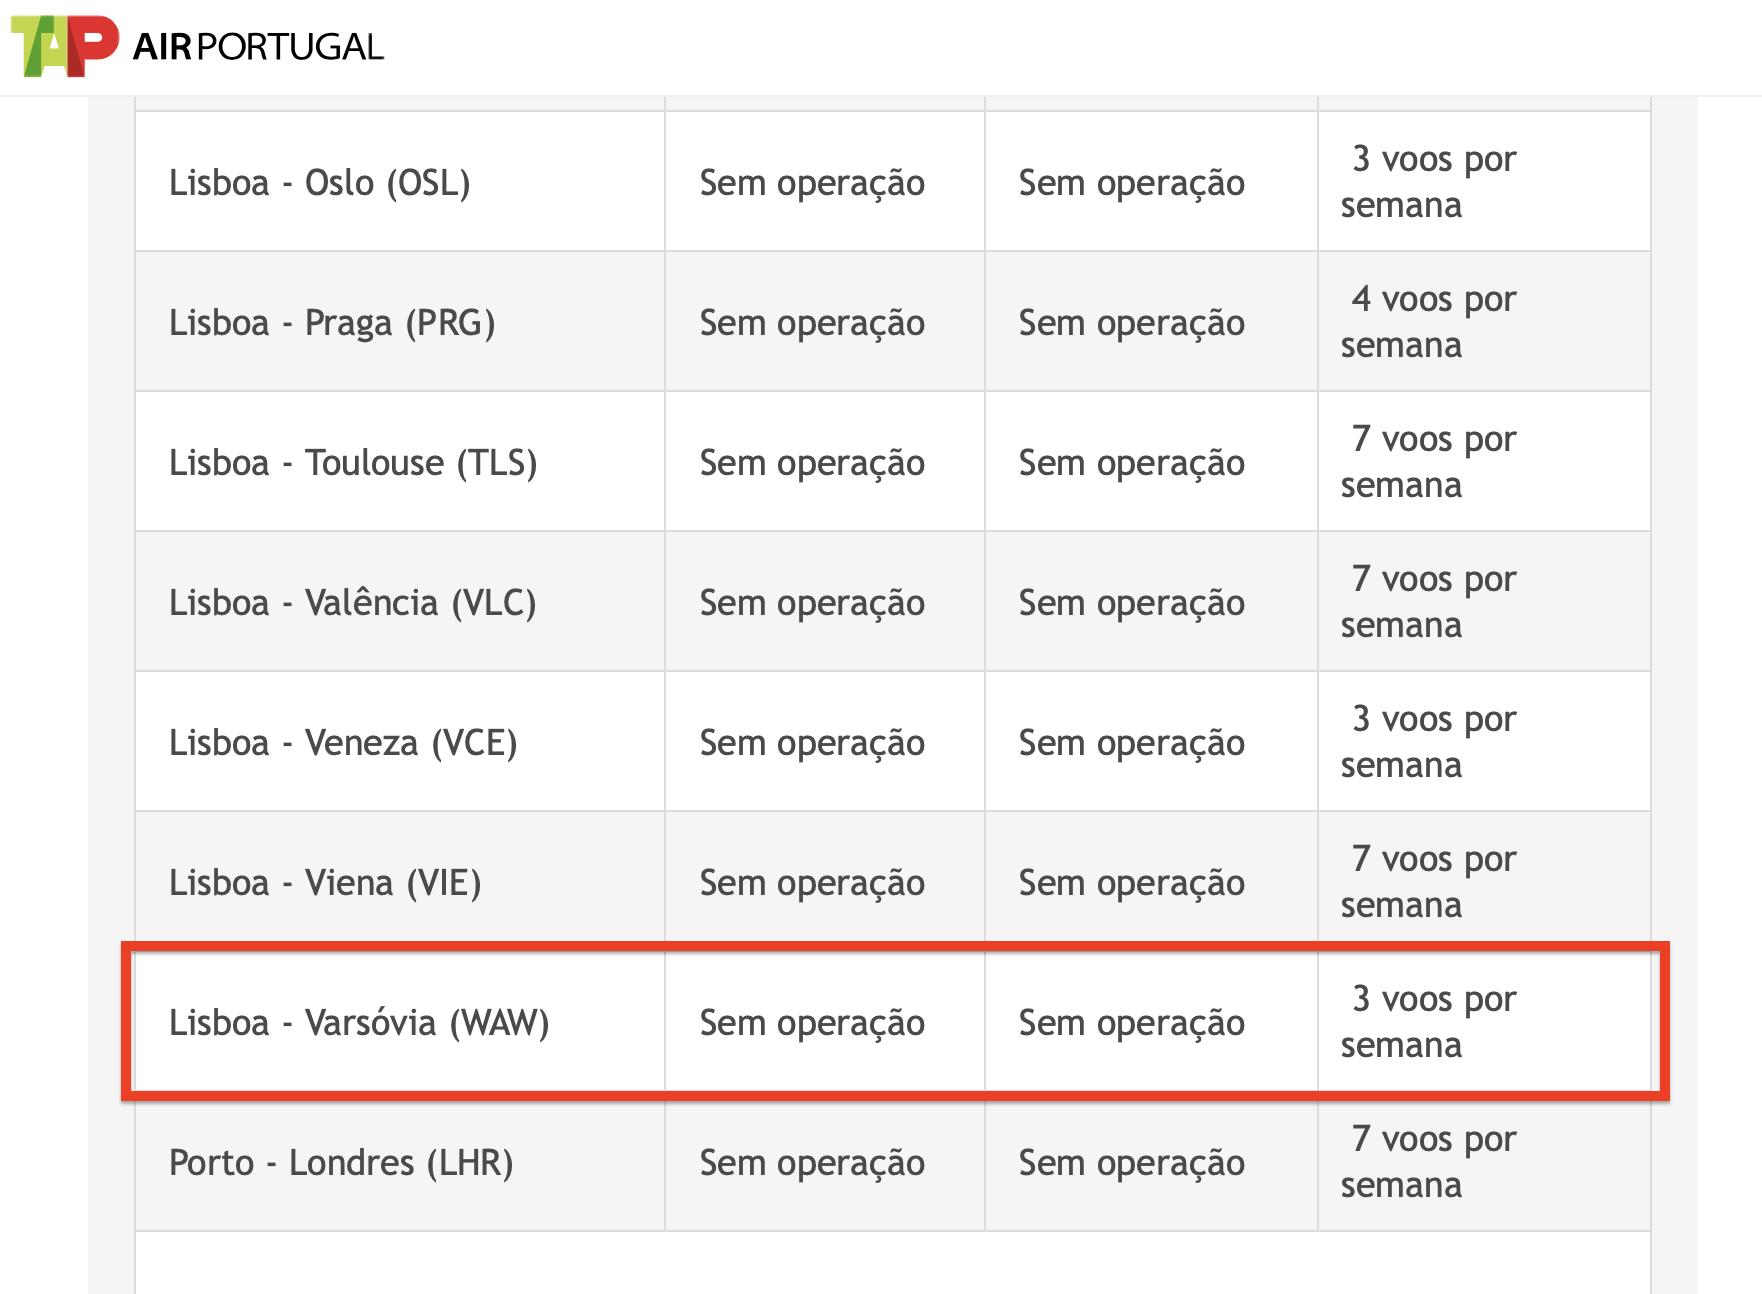 Anulowane loty TAP Czerwiec Lipiec Sierpień 2020 Co Zrobić Polska Portugalia lot Anulacja Hiszpania Przekraczania granic InfoPraia Google Play App Store iPhone informacje